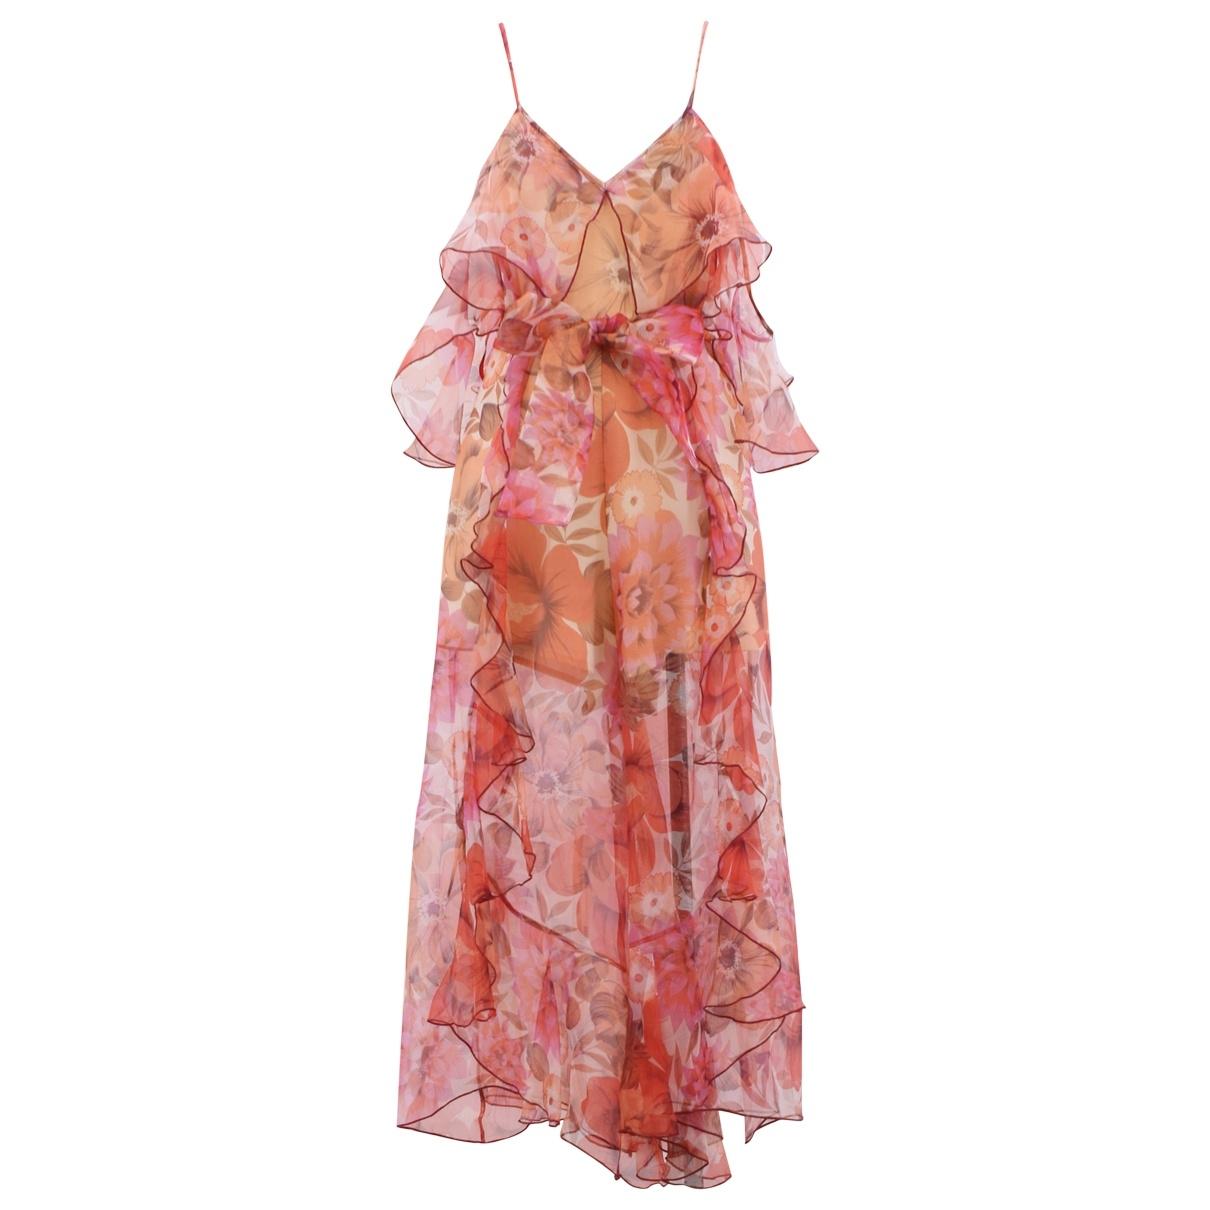 Alice Mccall - Combinaison   pour femme en soie - multicolore